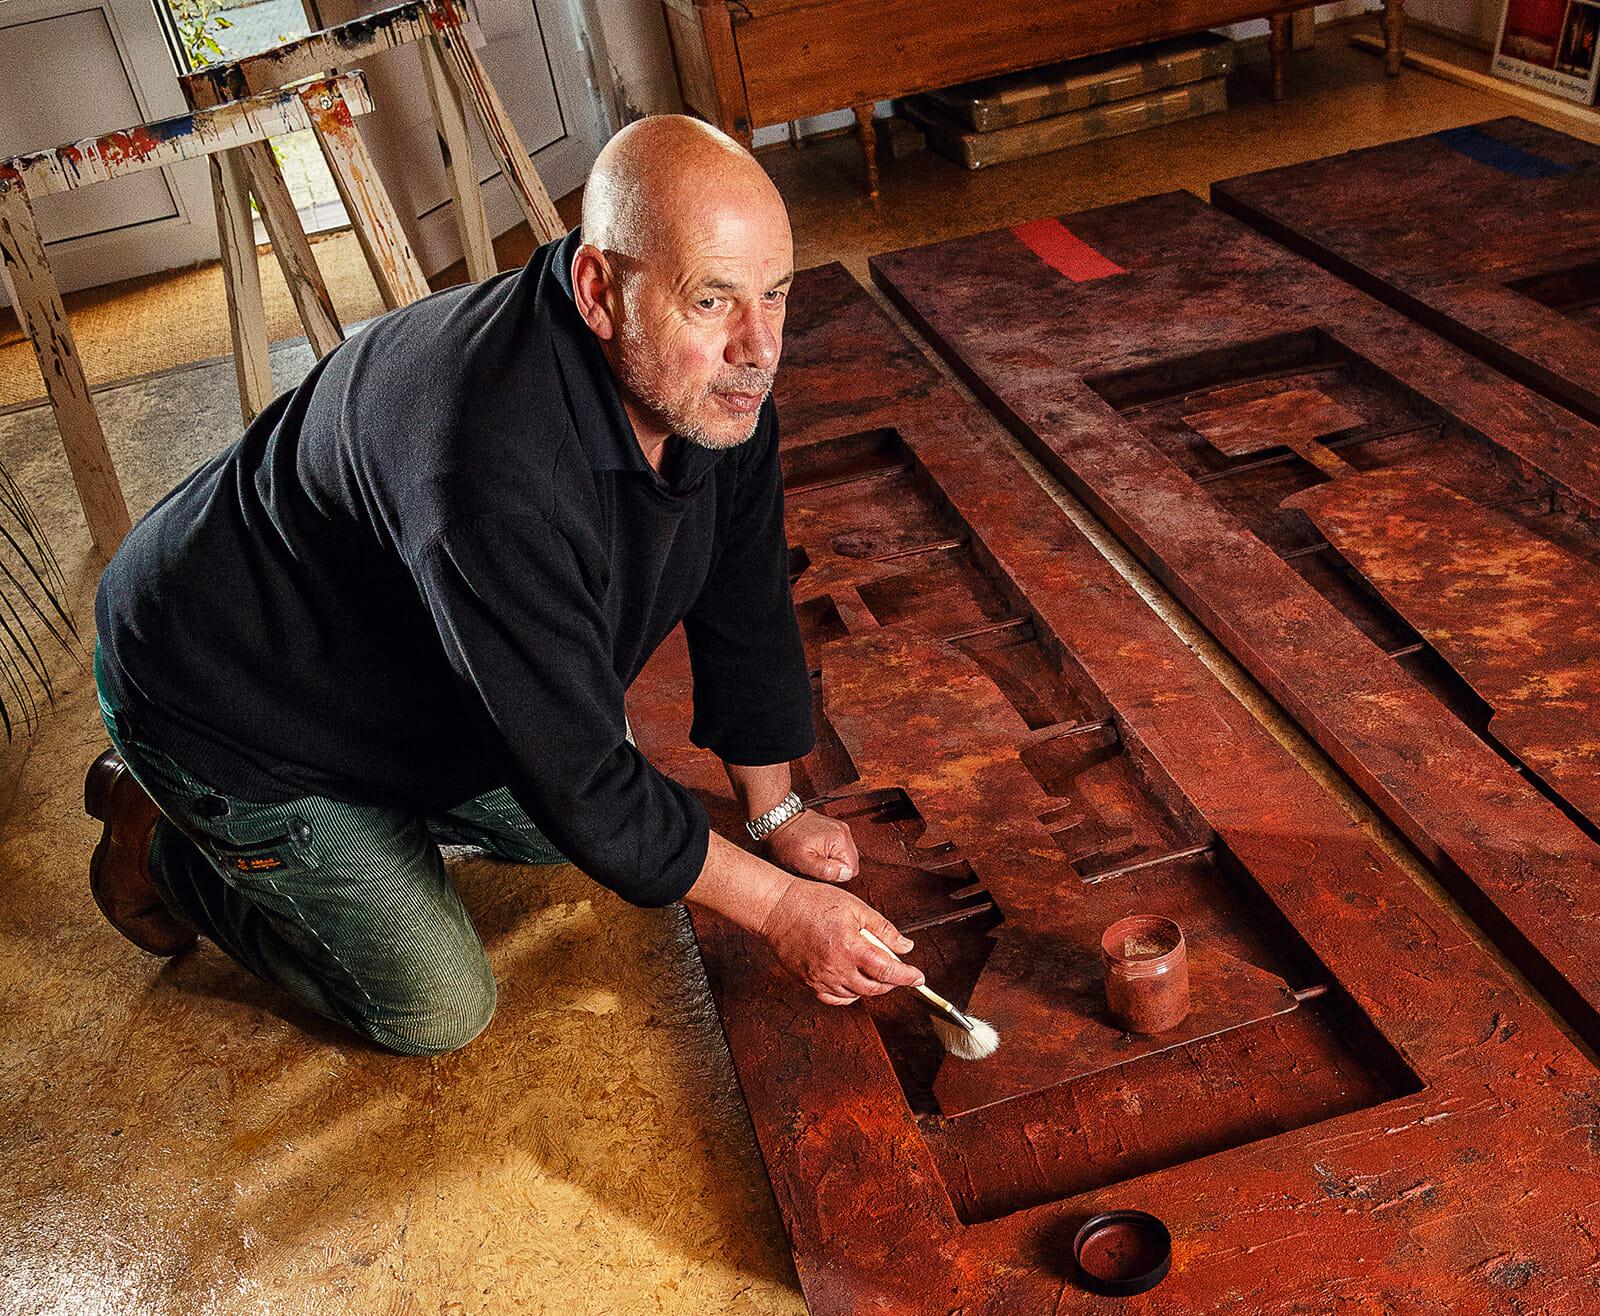 Der Norderneyer Künstler Claus-Ulrich Ipsen bei der Arbeit in seinem Atelier.